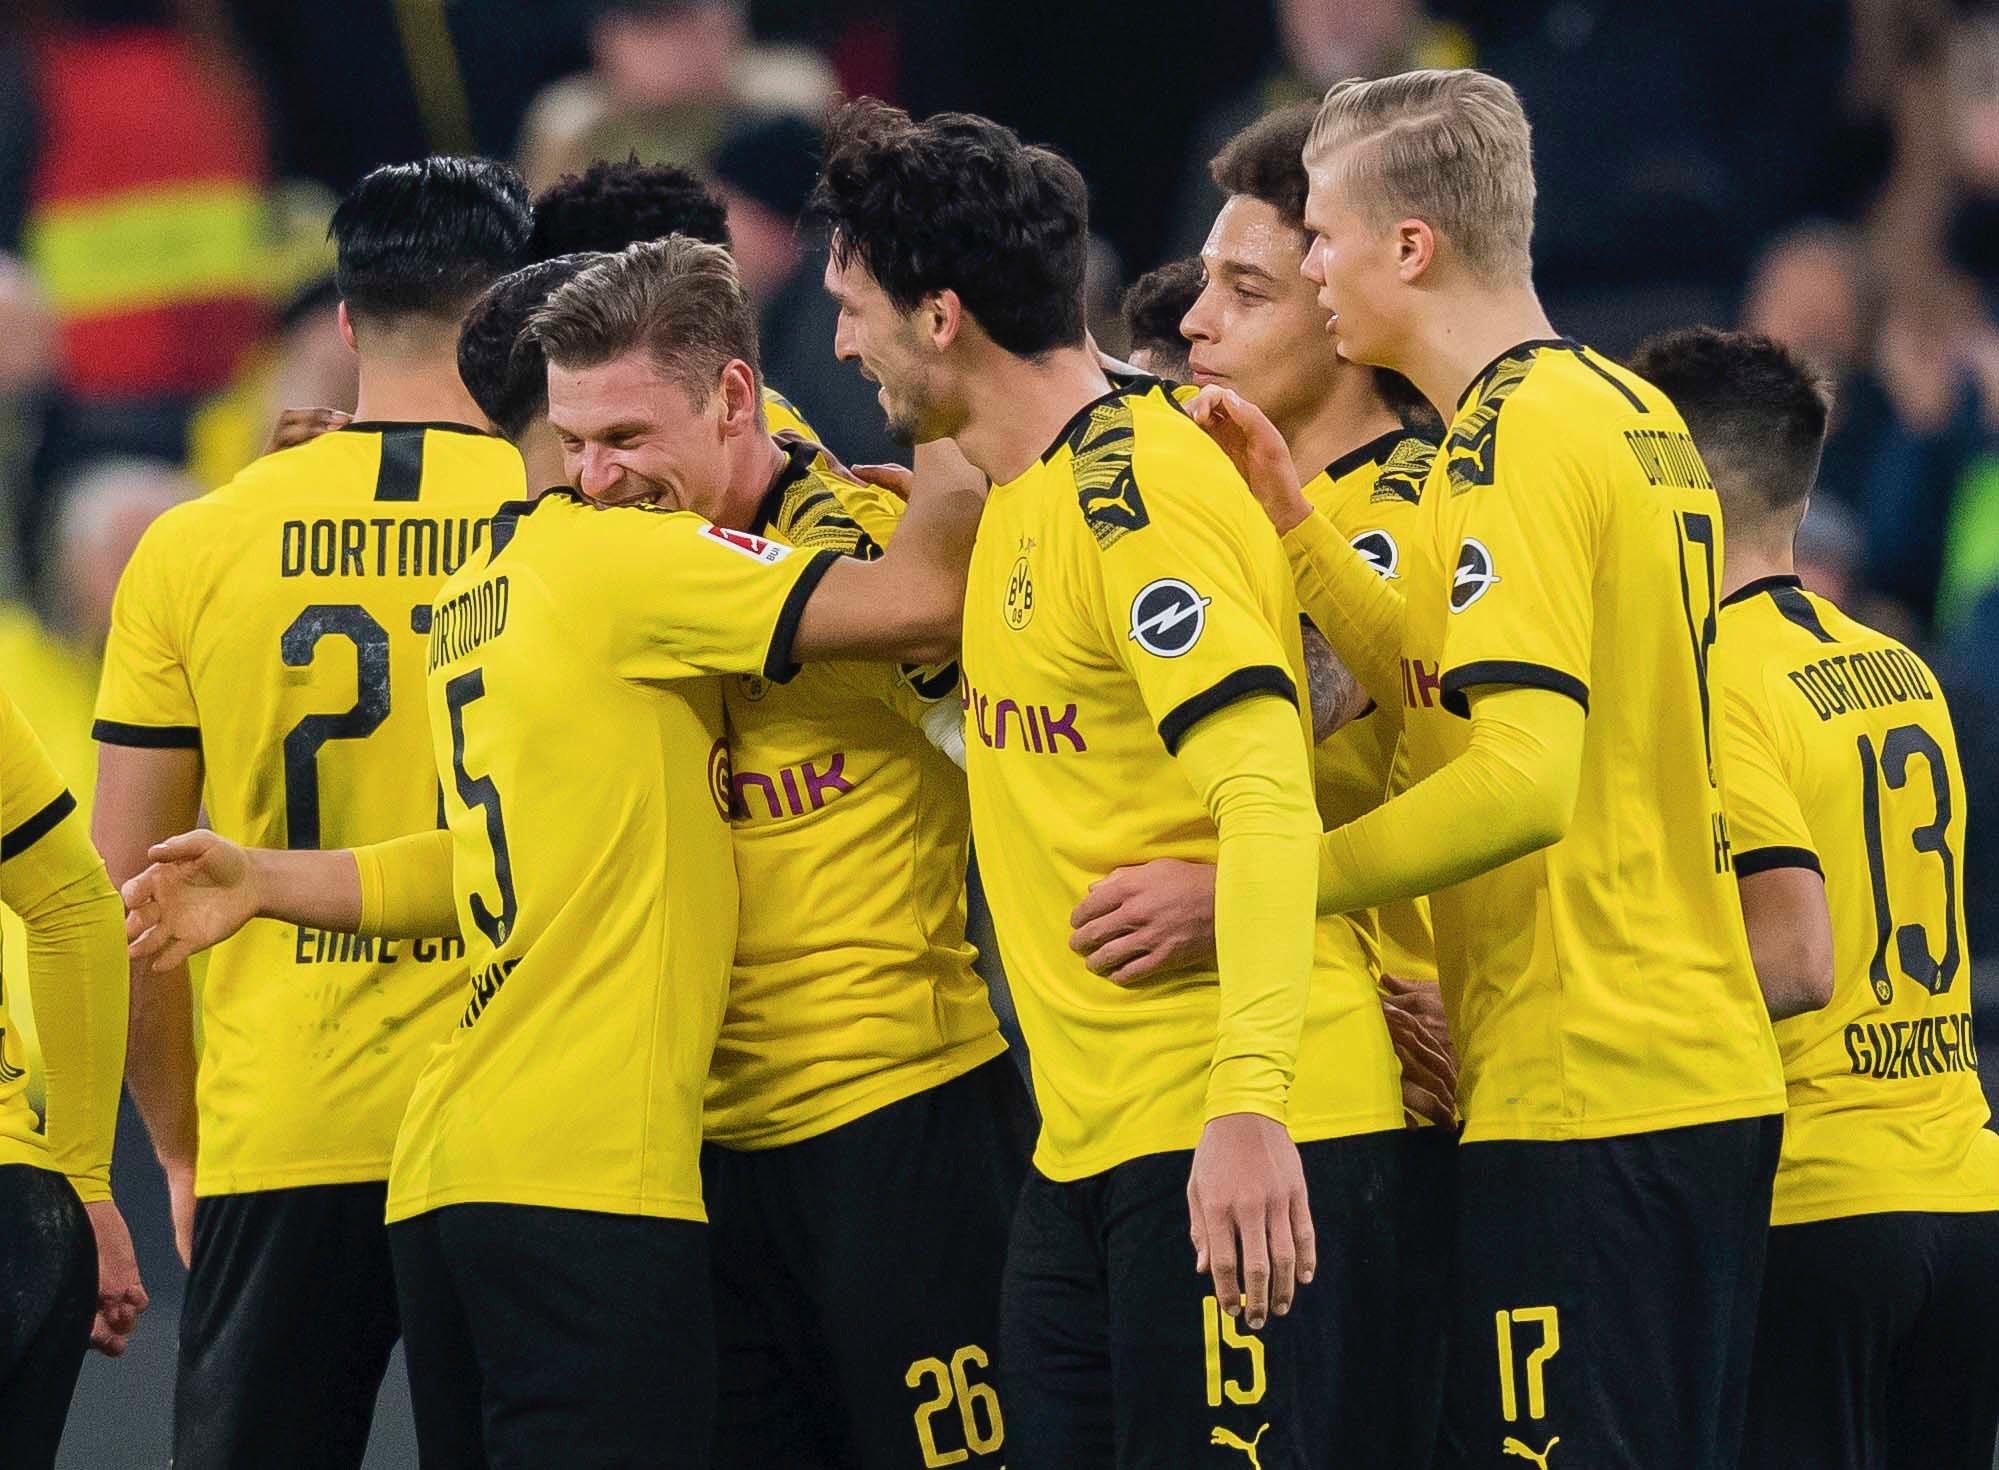 Боруссія - Айнтрахт: онлайн-трансляція матчу Бундесліги - новини спорт